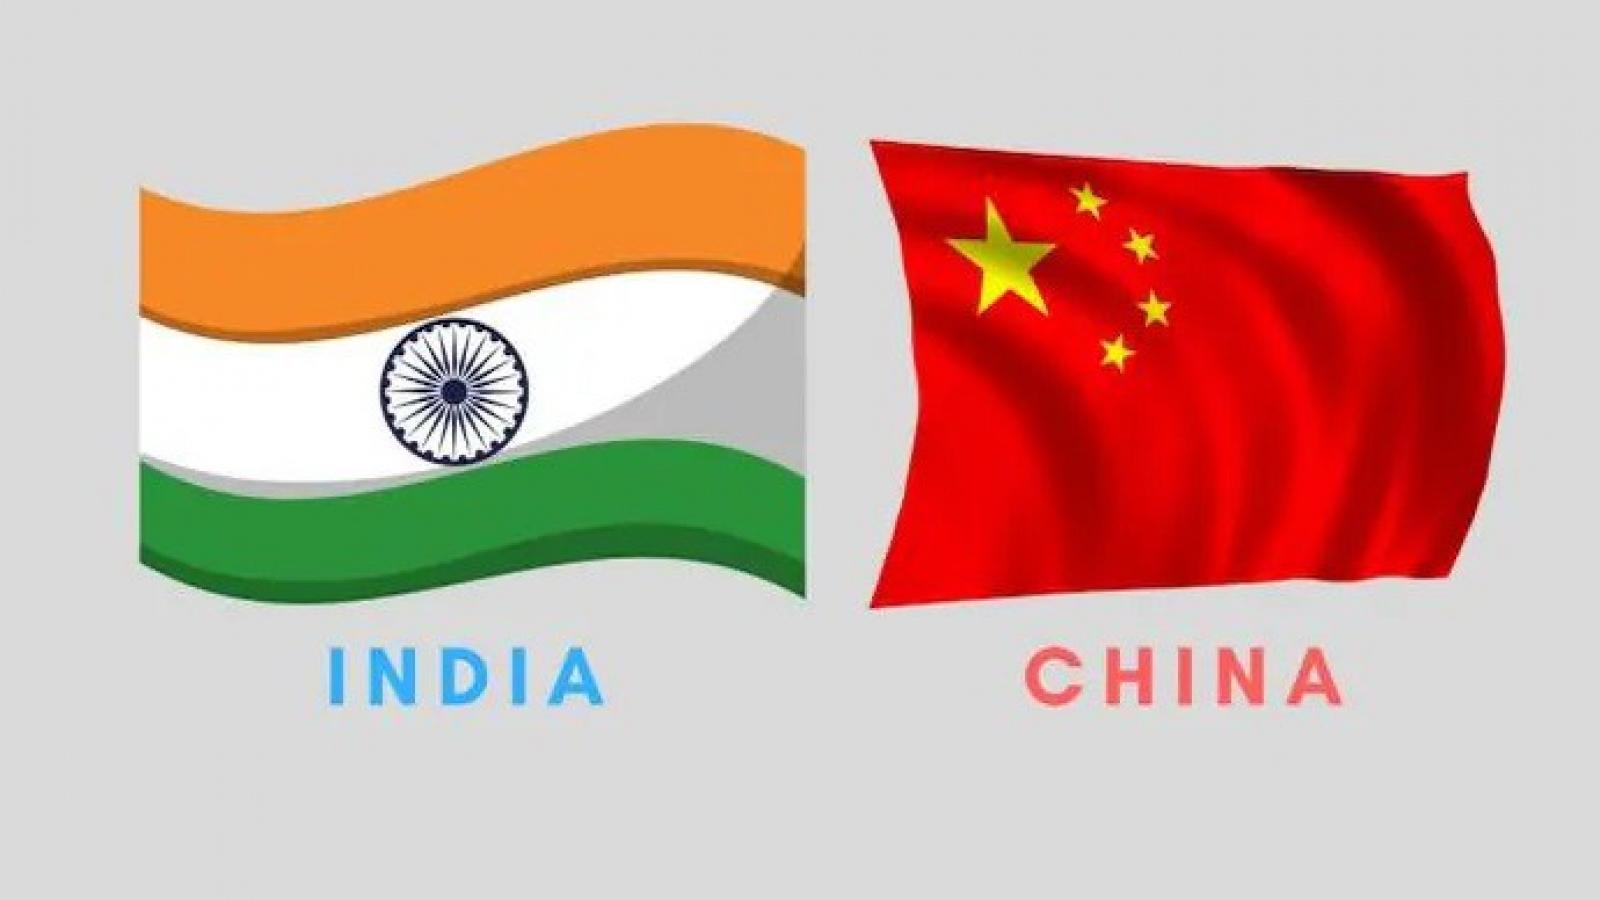 Trung Quốc hứa hẹn không làm phức tạp tình hình biên giới với Ấn Độ